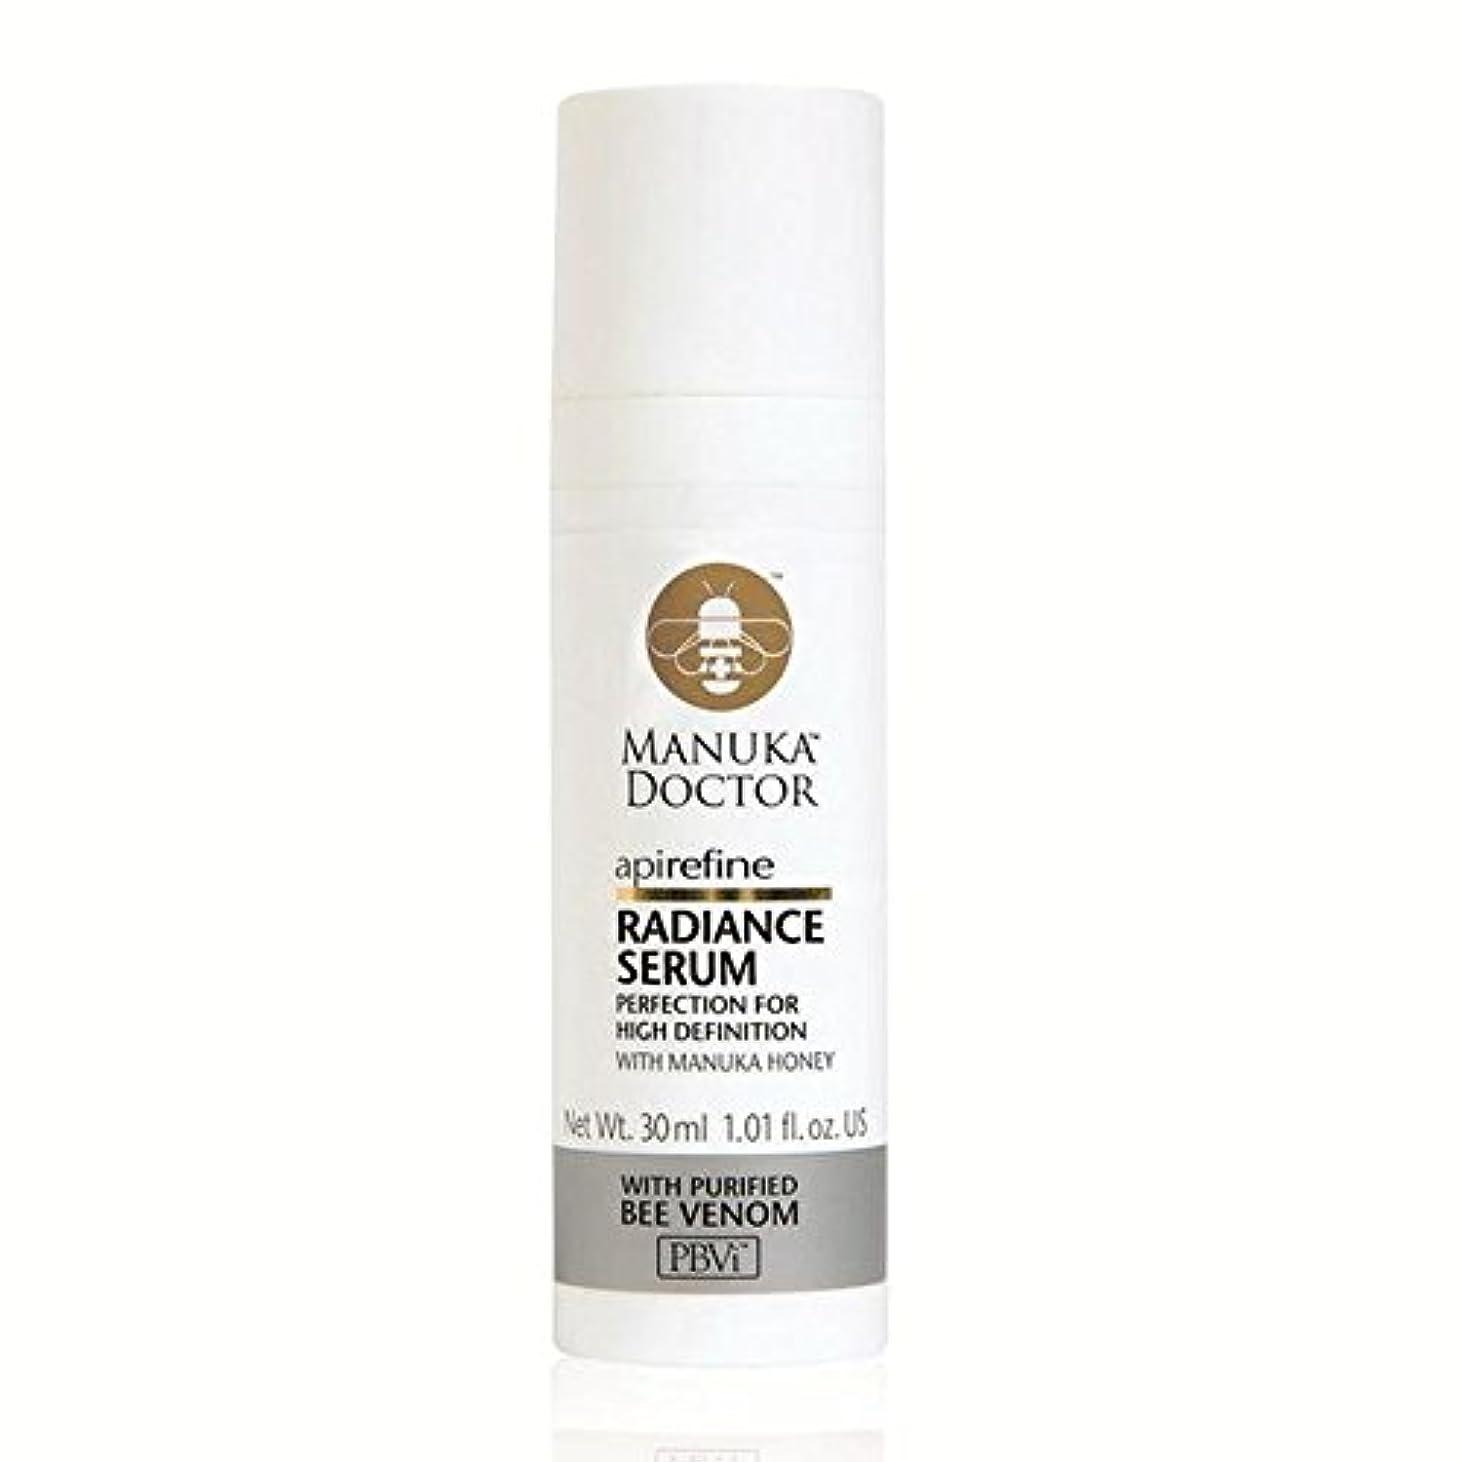 故障リズミカルな骨Manuka Doctor Api Refine Radiance Serum 30ml - マヌカドクター絞り込み放射輝度セラム30 [並行輸入品]